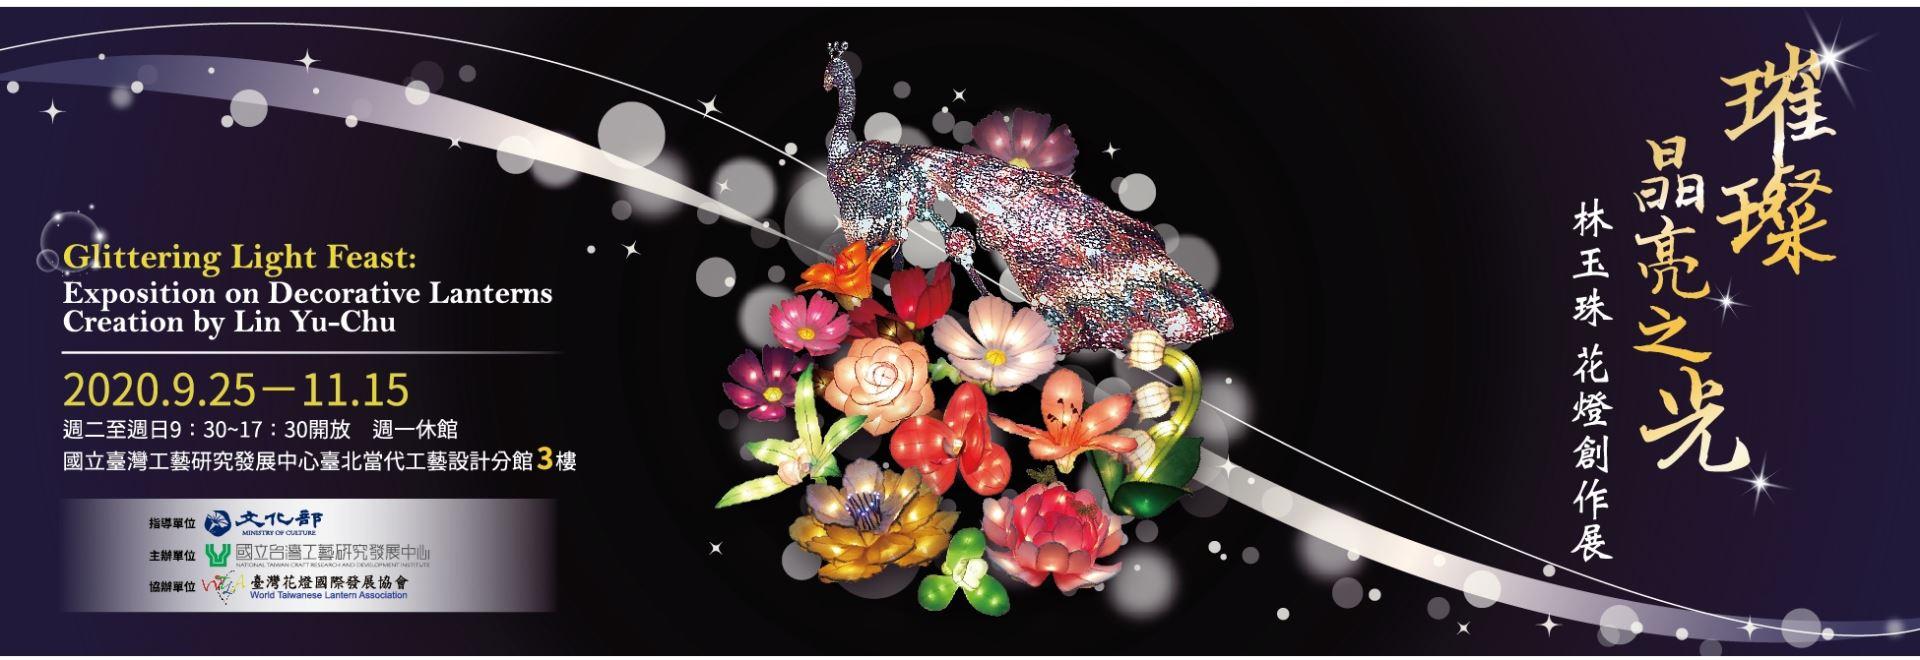 璀璨晶亮之光─林玉珠花燈創作展「另開新視窗」